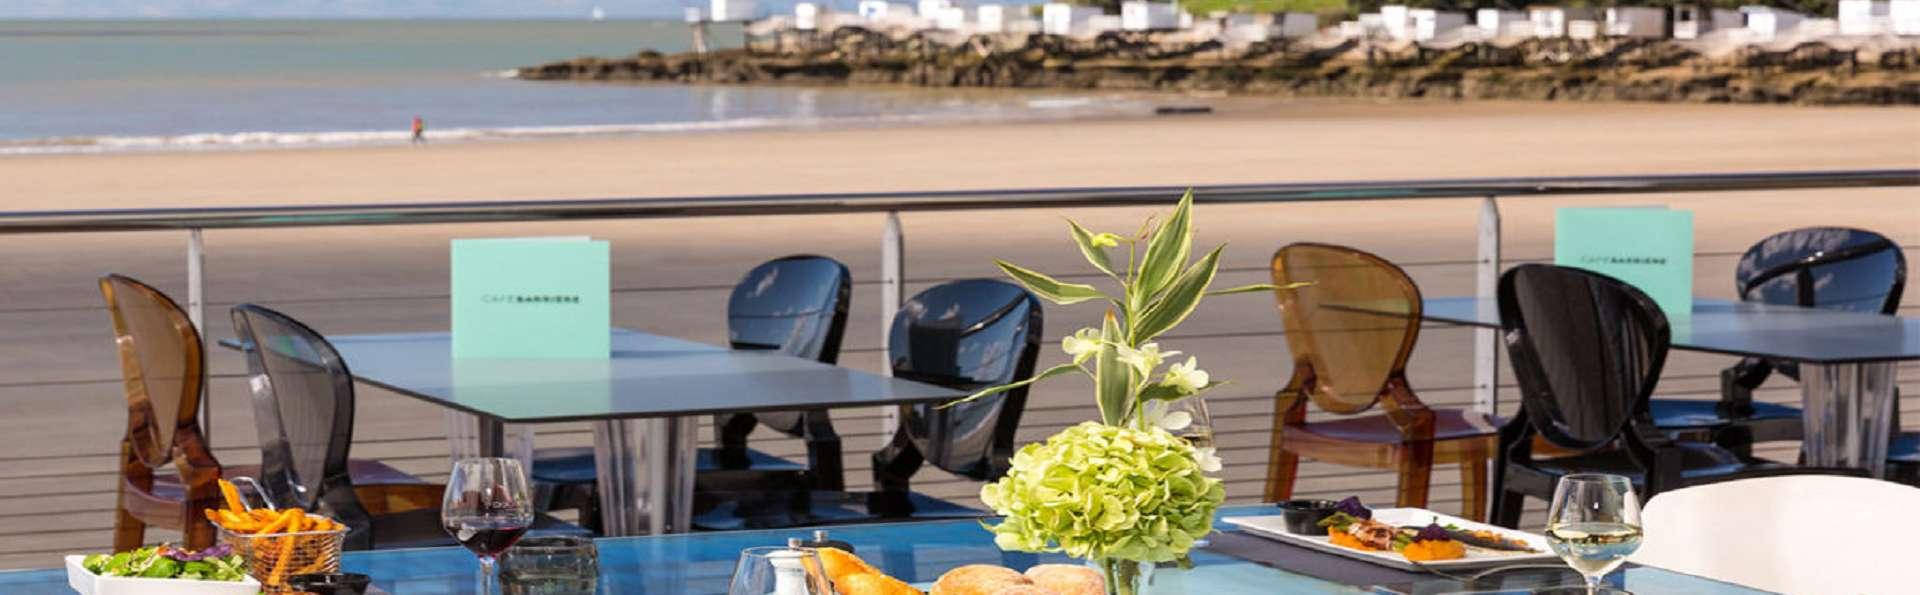 Parenthèse gourmande en bord de mer à Royan